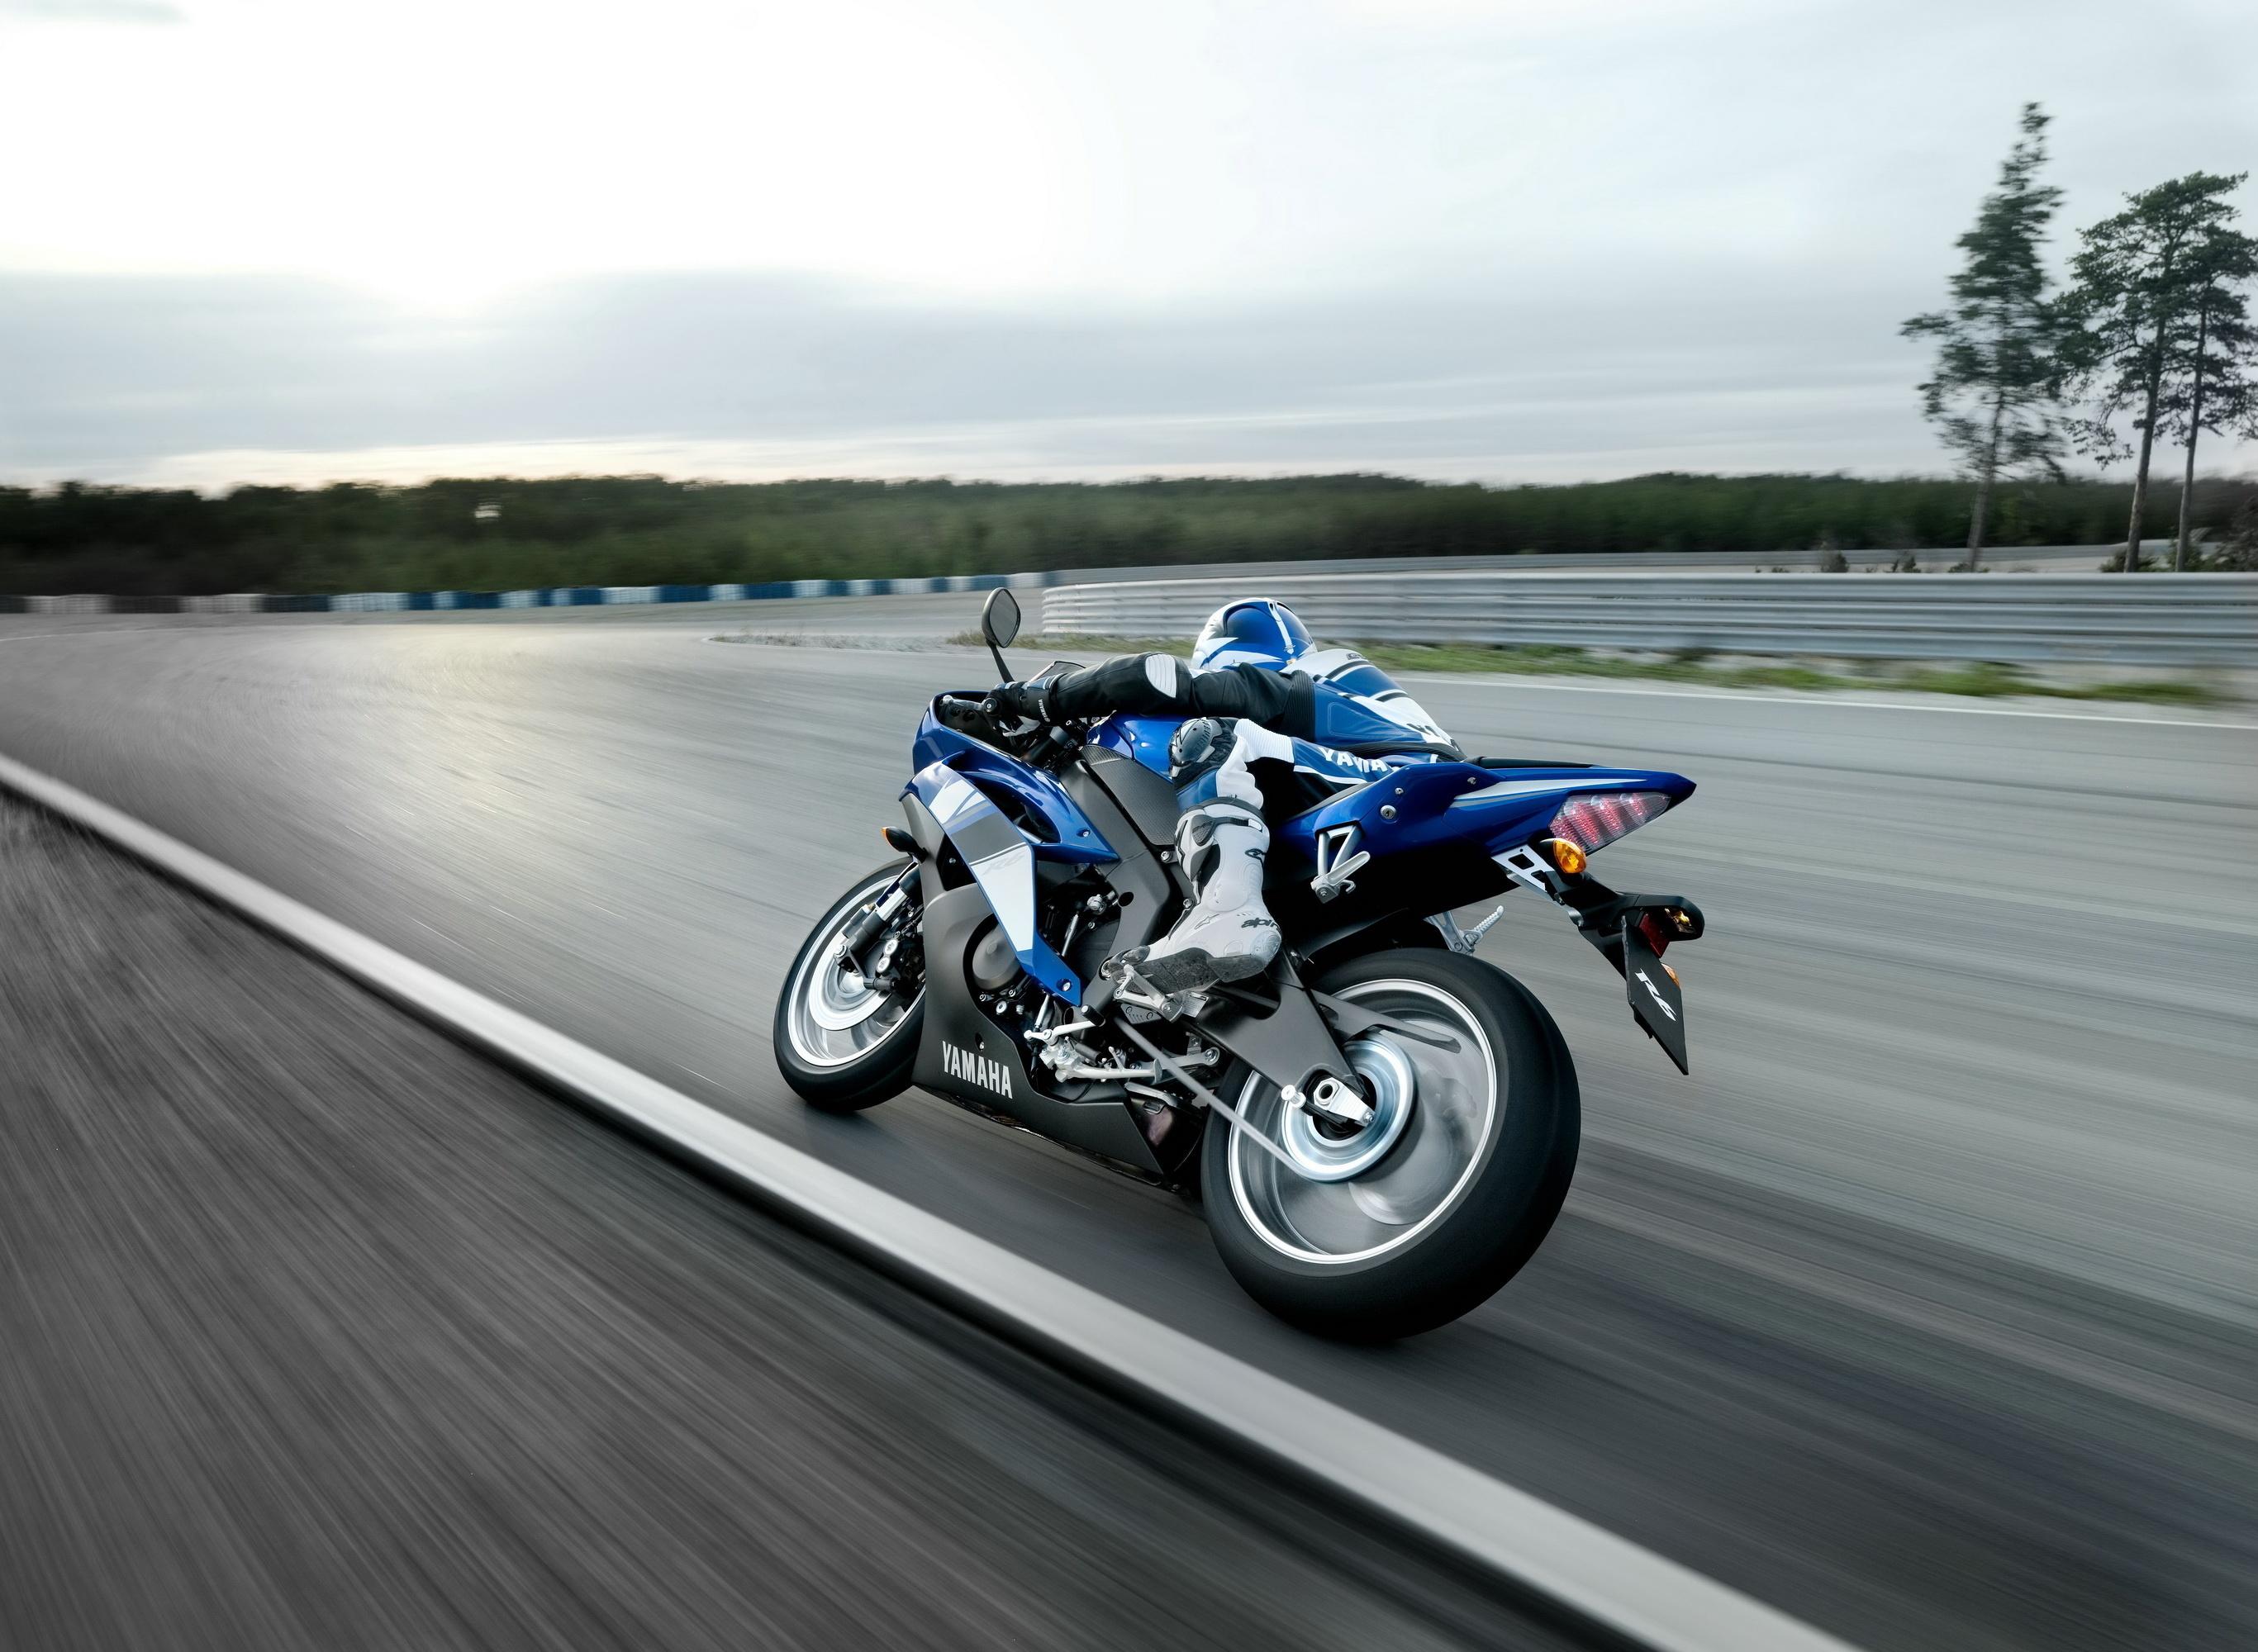 Deporte - Motorcycle Racing  - Baloncesto Fondo de Pantalla